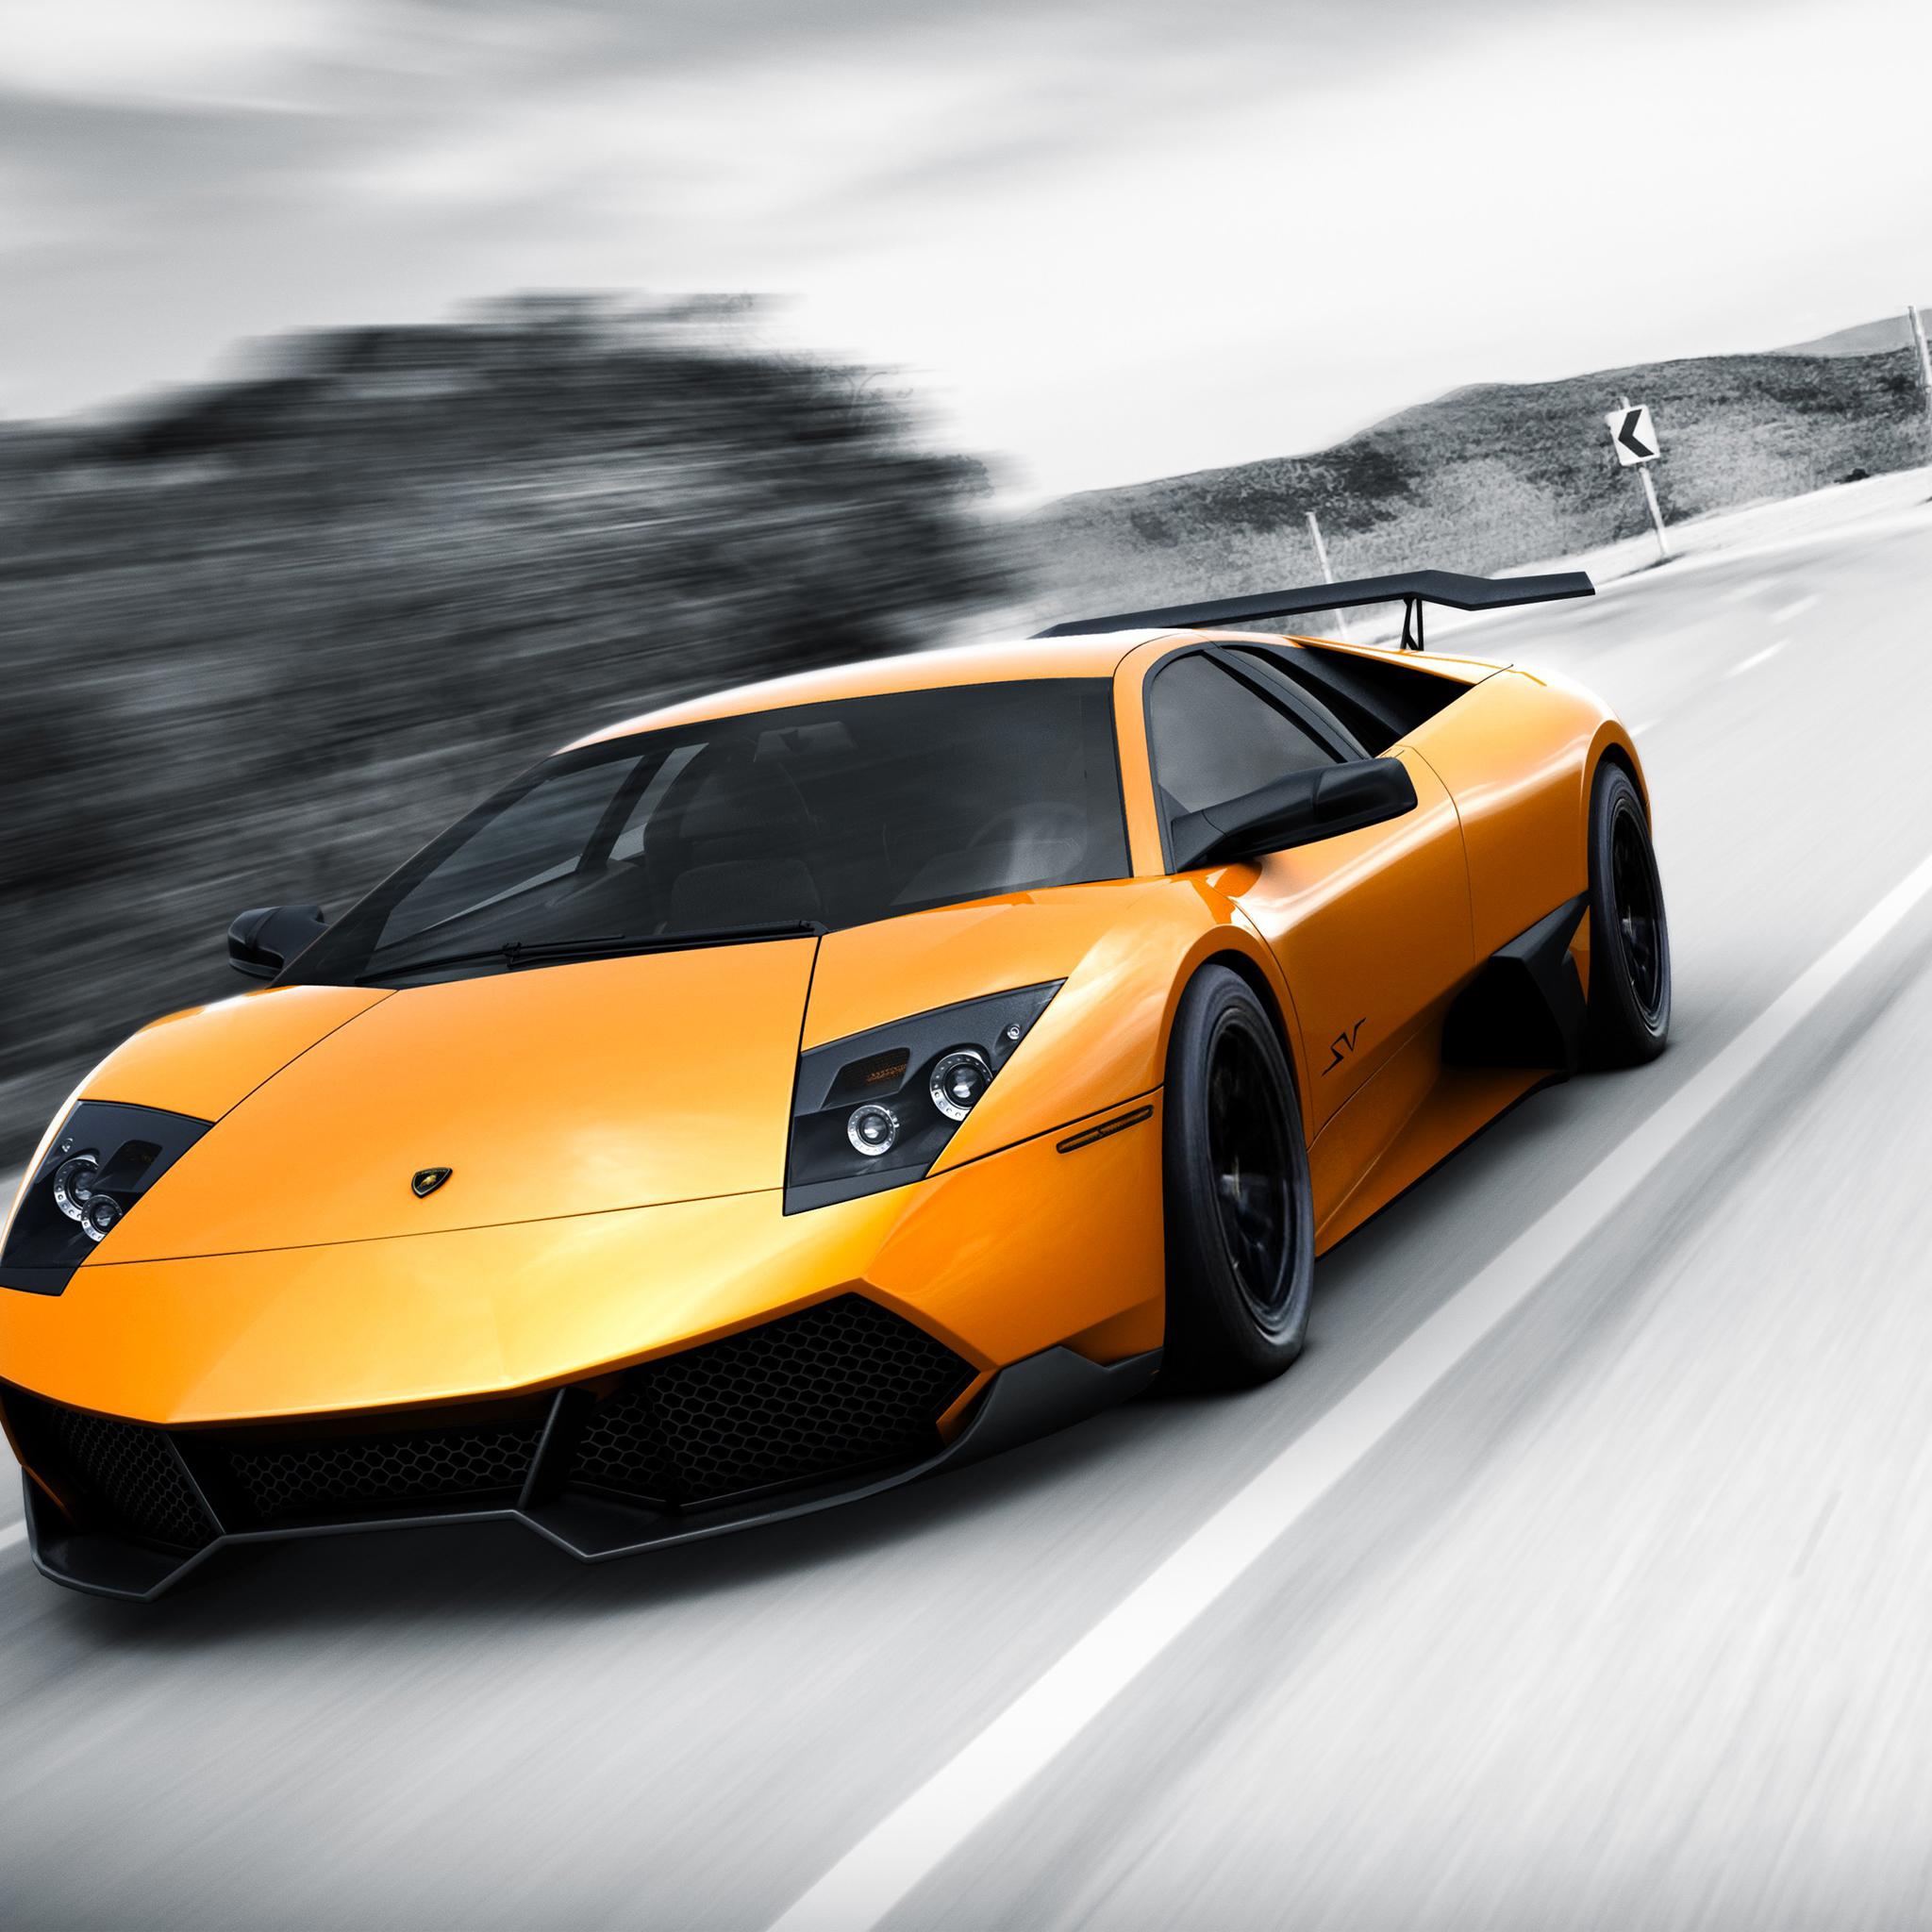 Lamborghini Murcielago3Wallpapers iPad Retina Lamborghini Murcielago   iPad Retina